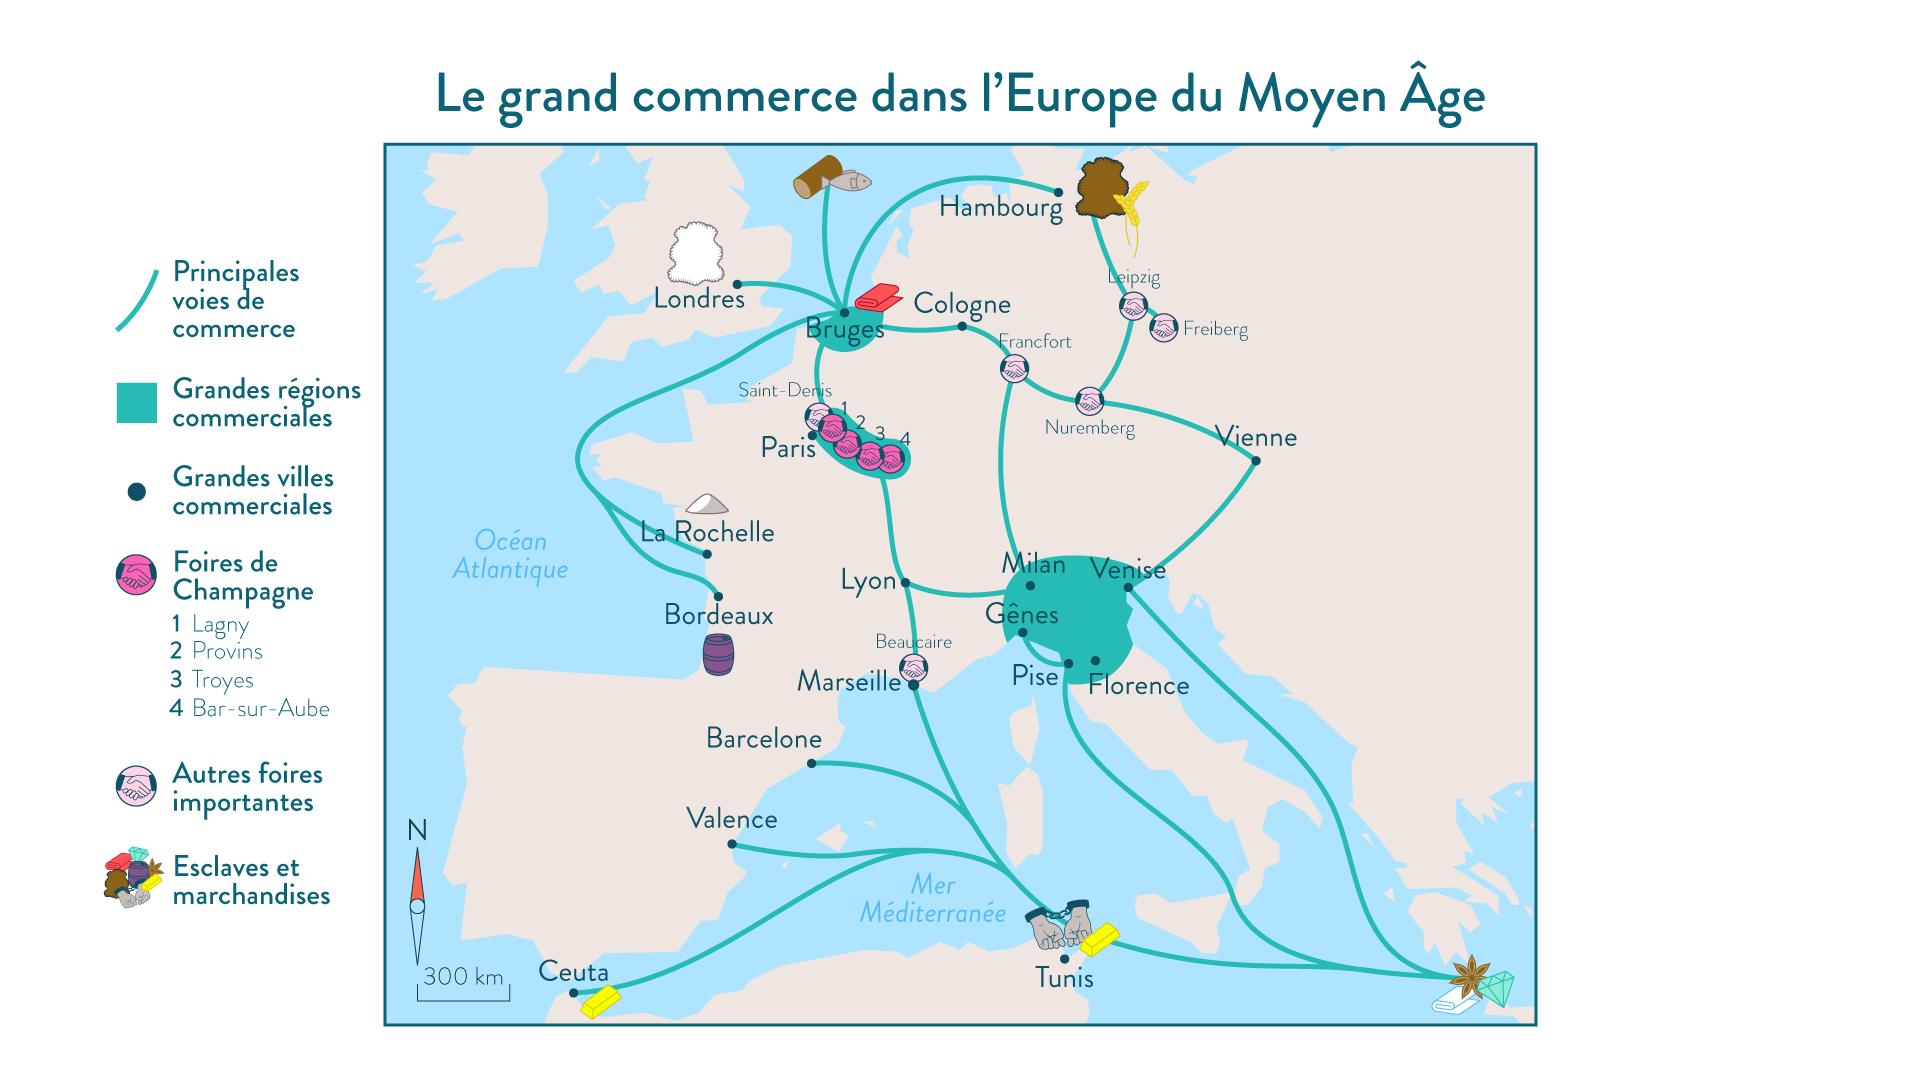 Le grand commerce dans l'Europe du Moyen Âge - 5e - histoire